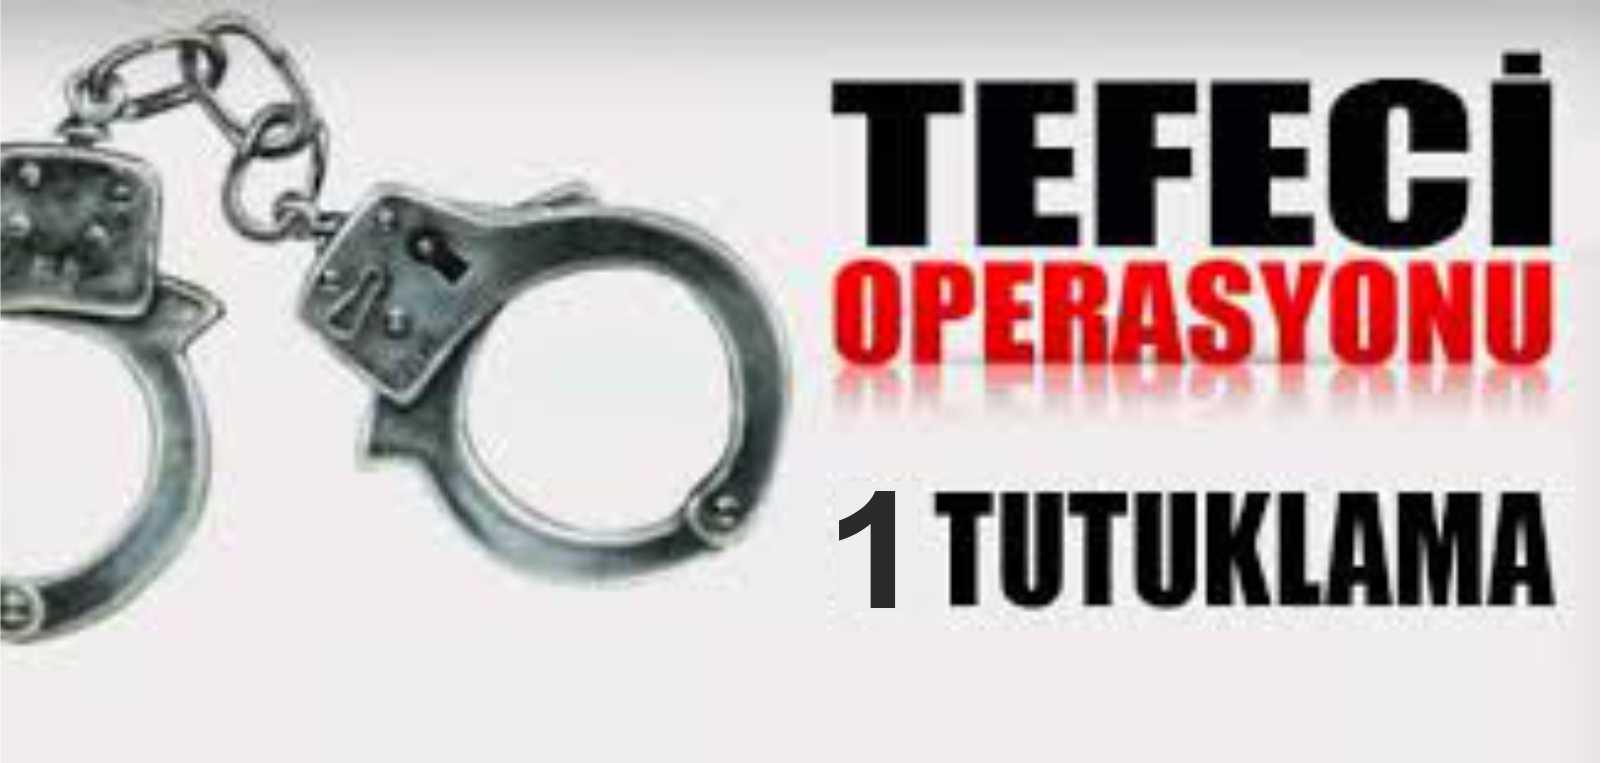 Adıyaman'da Polislikten ihraç edildi tefecilikten tutuklandı